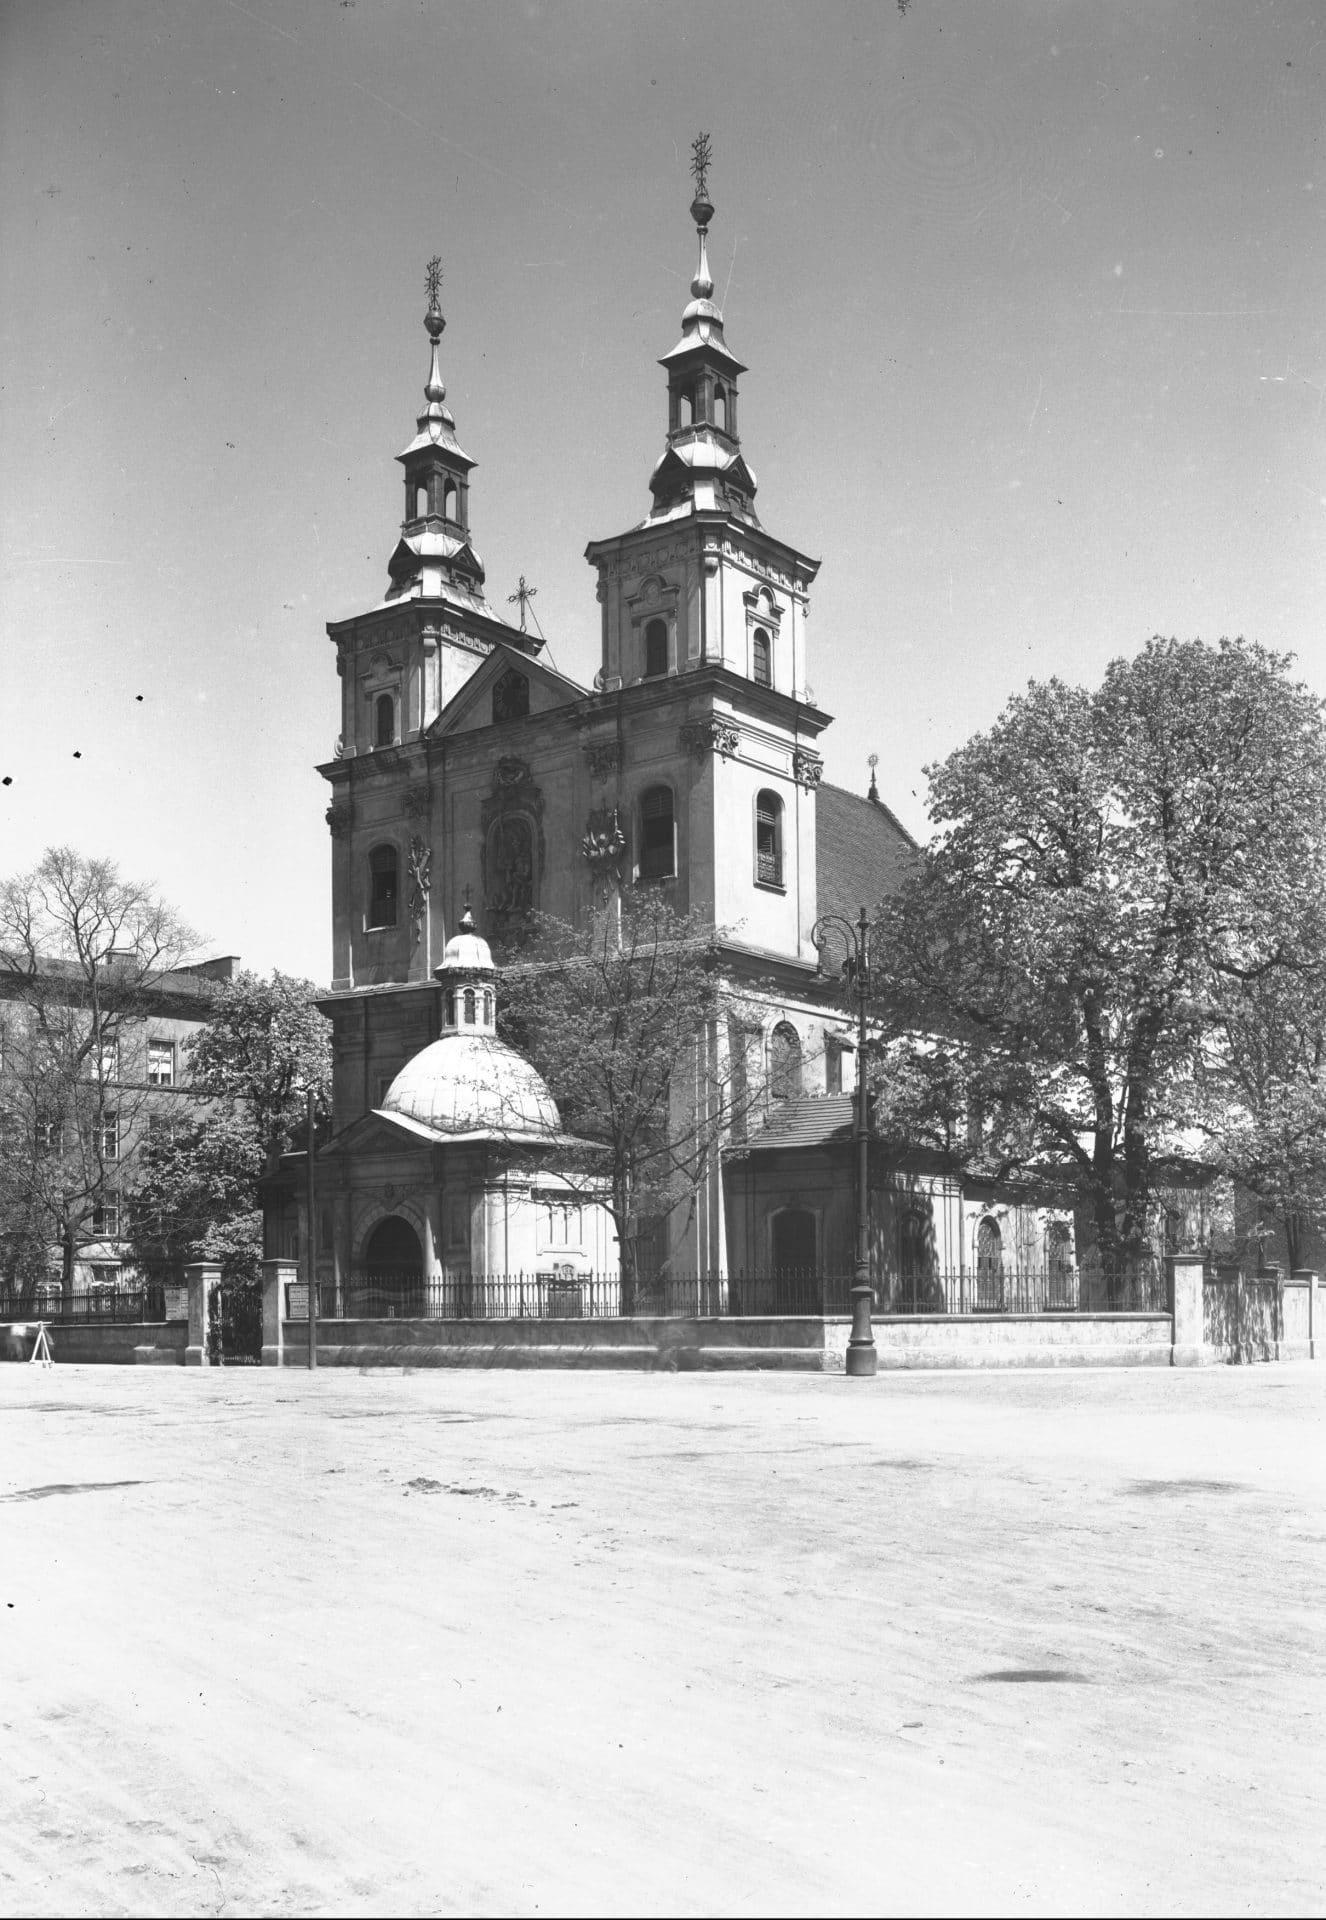 Kościół św. Floriana w 1935 roku. Źródło: Narodowe Archiwum Cyfrowe.